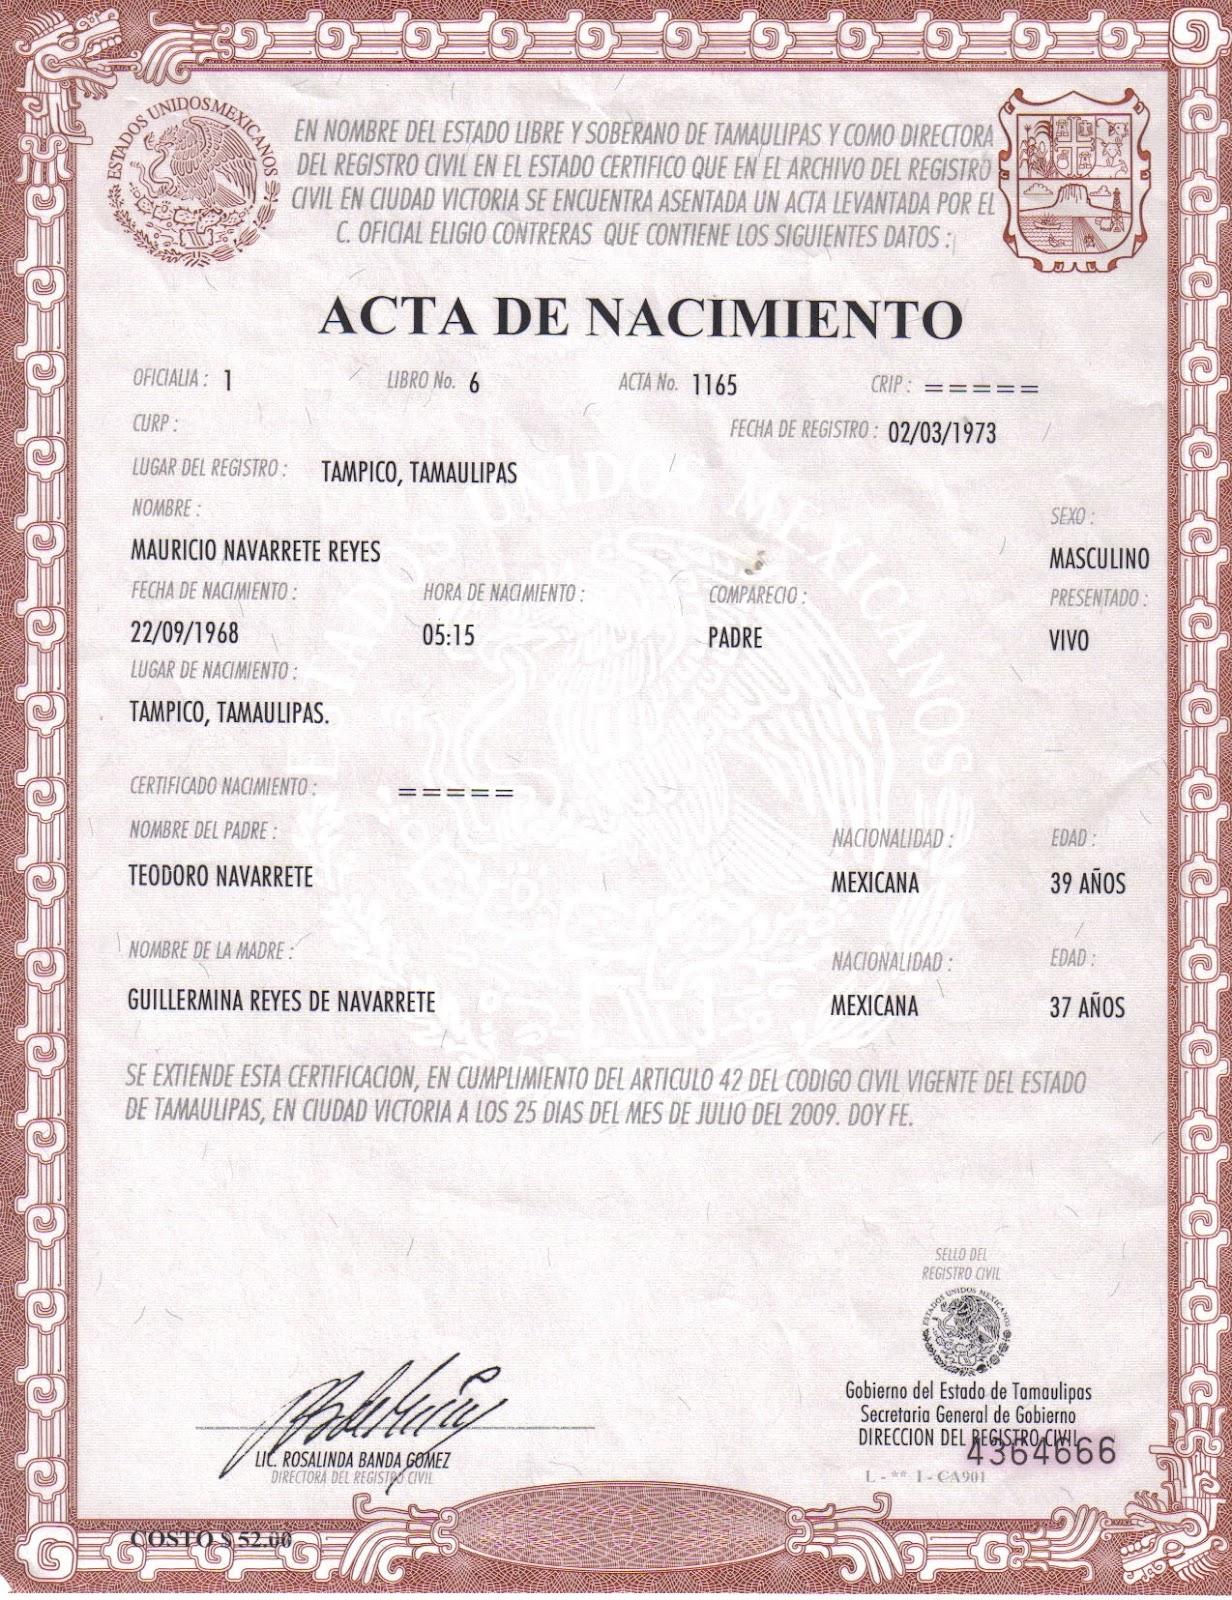 Asombroso Falsas Plantillas De Certificado De Nacimiento Imágenes ...